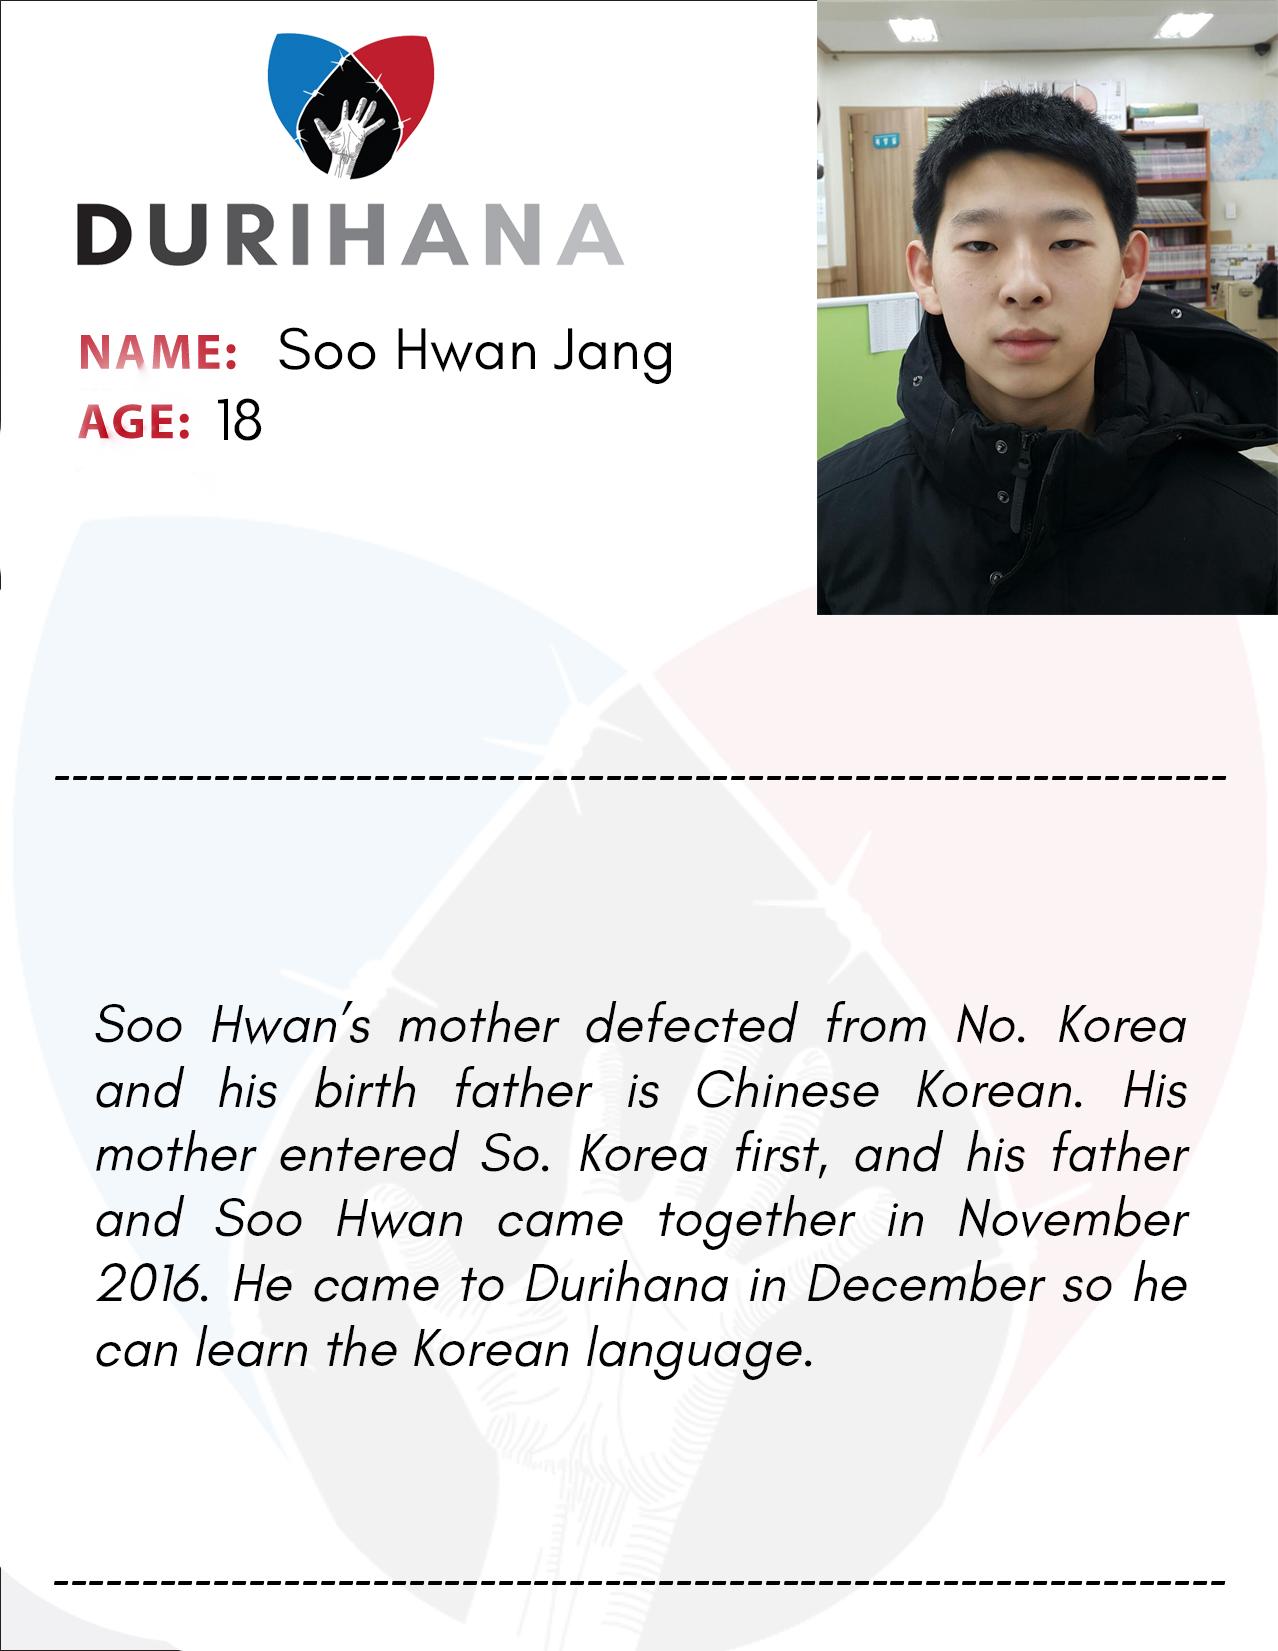 Soo Hwan Jang